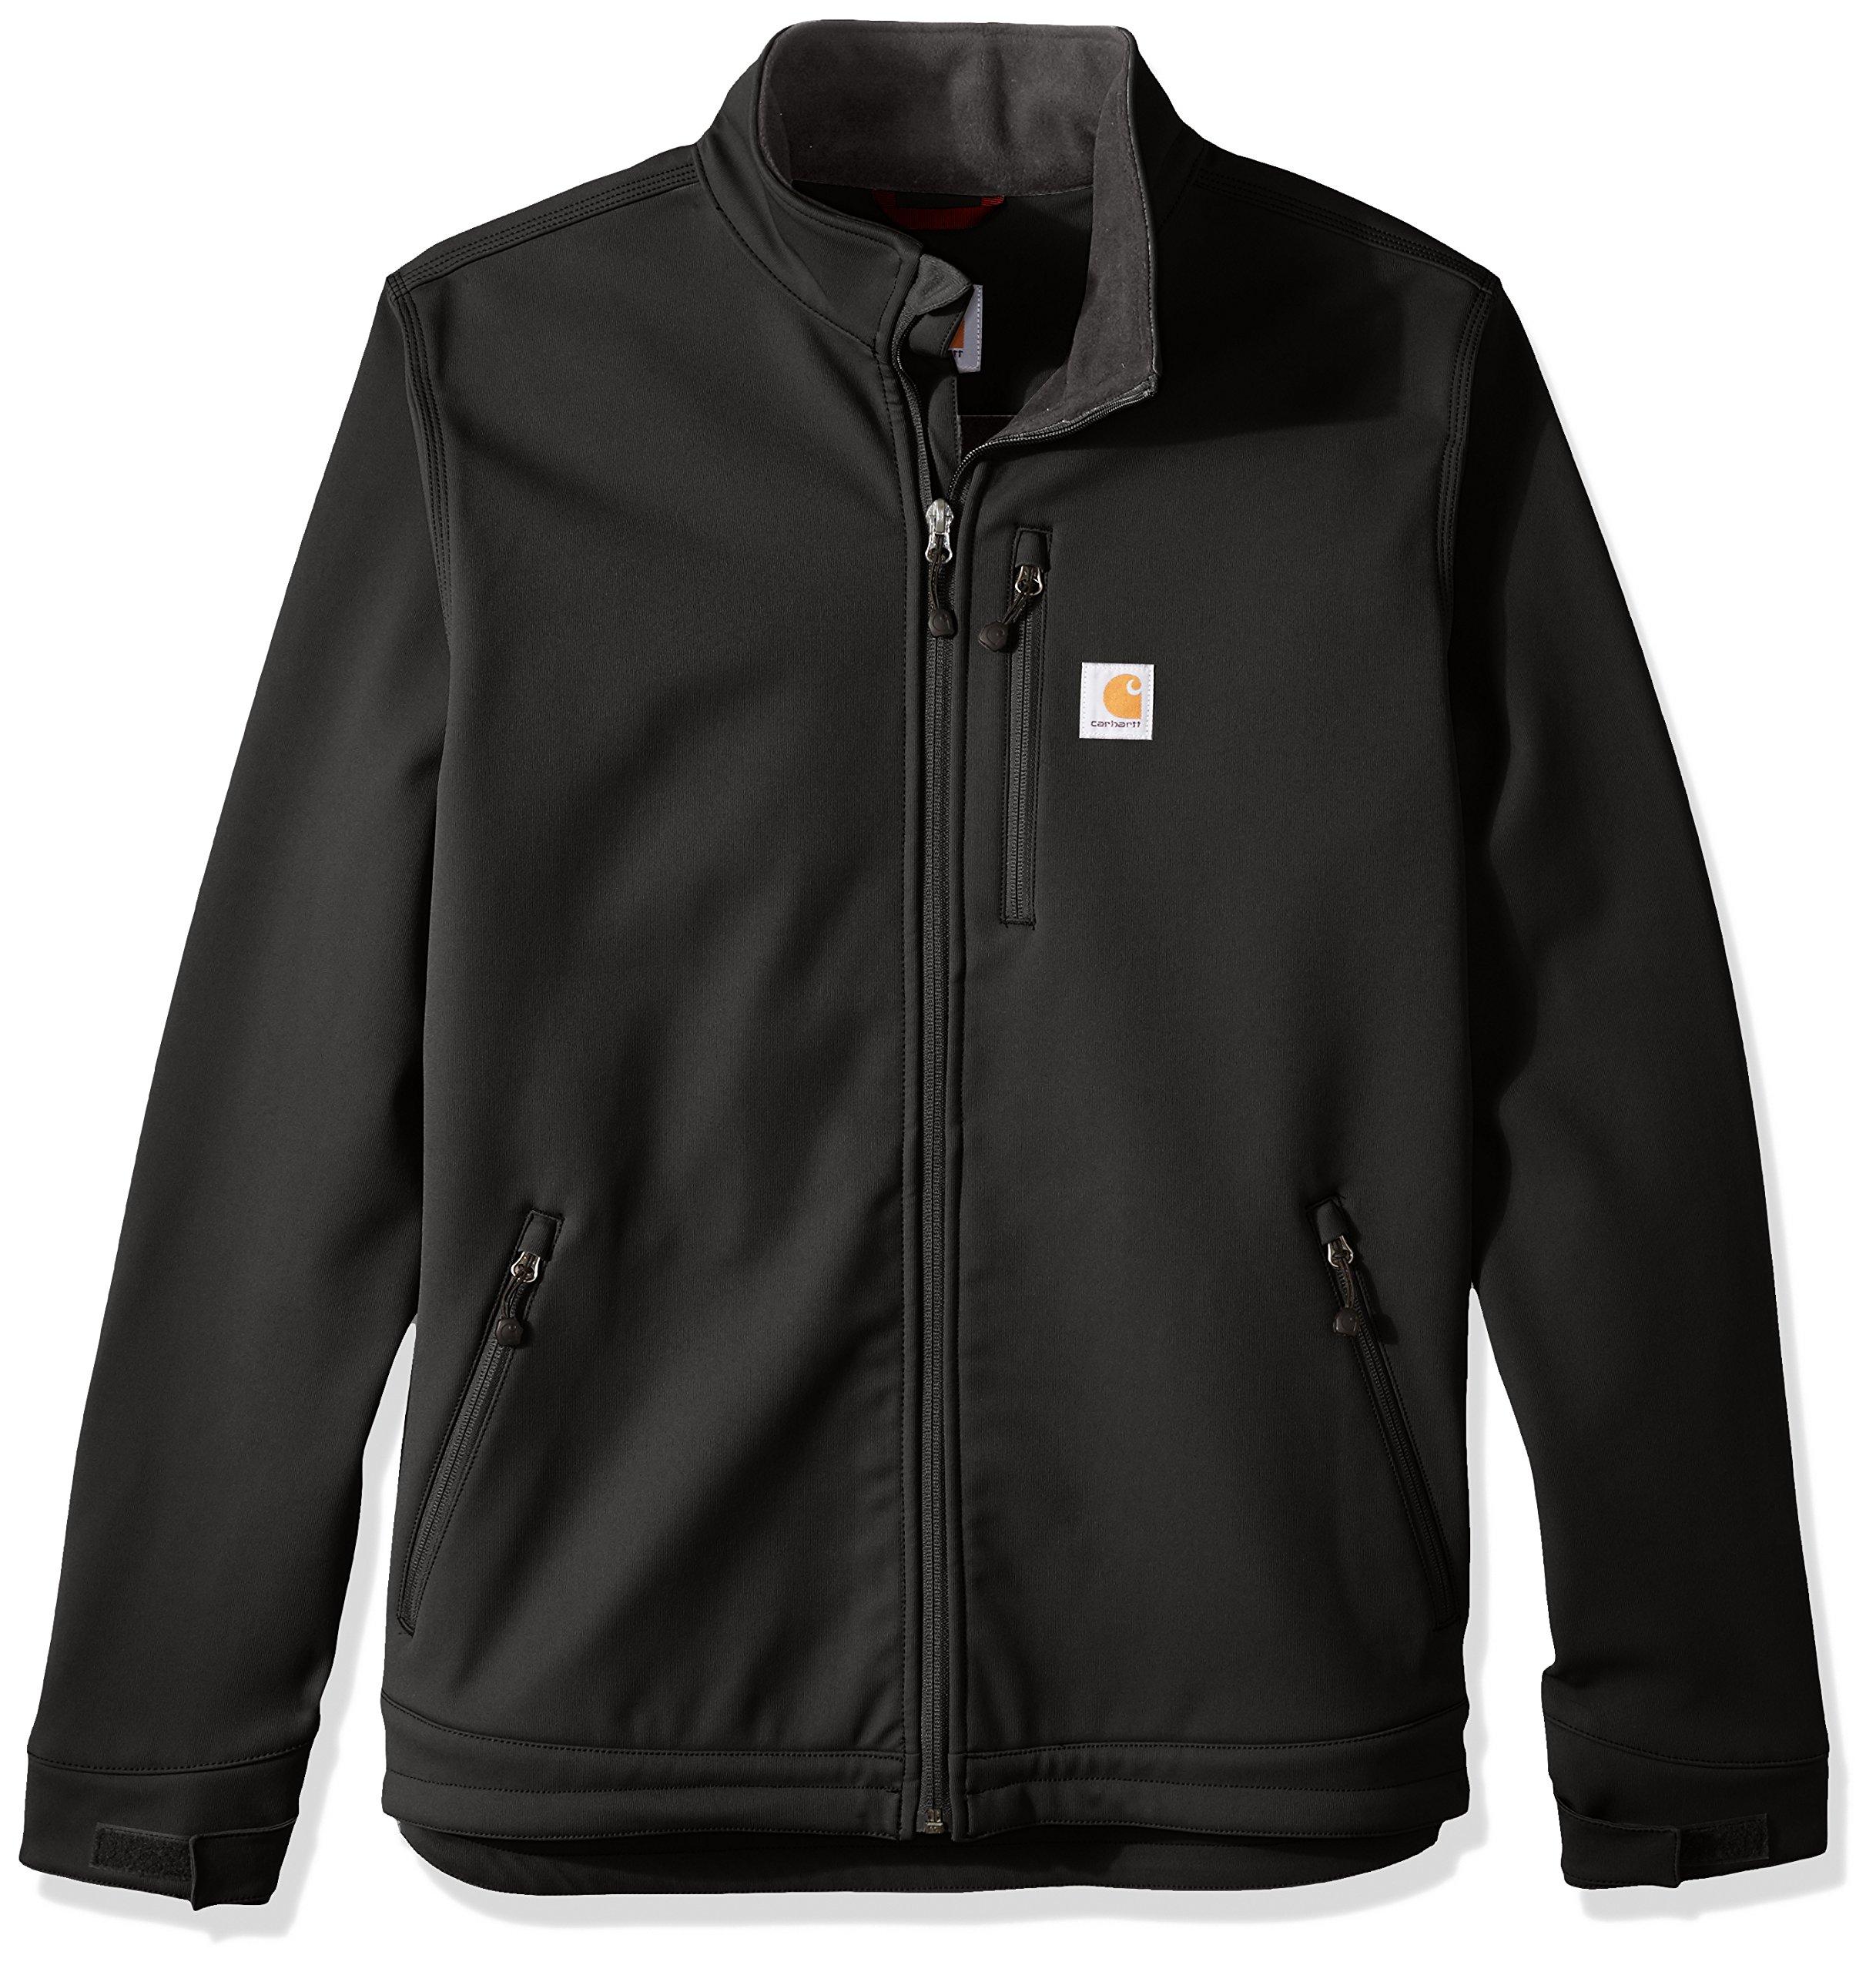 Carhartt Men's Big & Tall Crowley Jacket, Black, X-Large/Tall